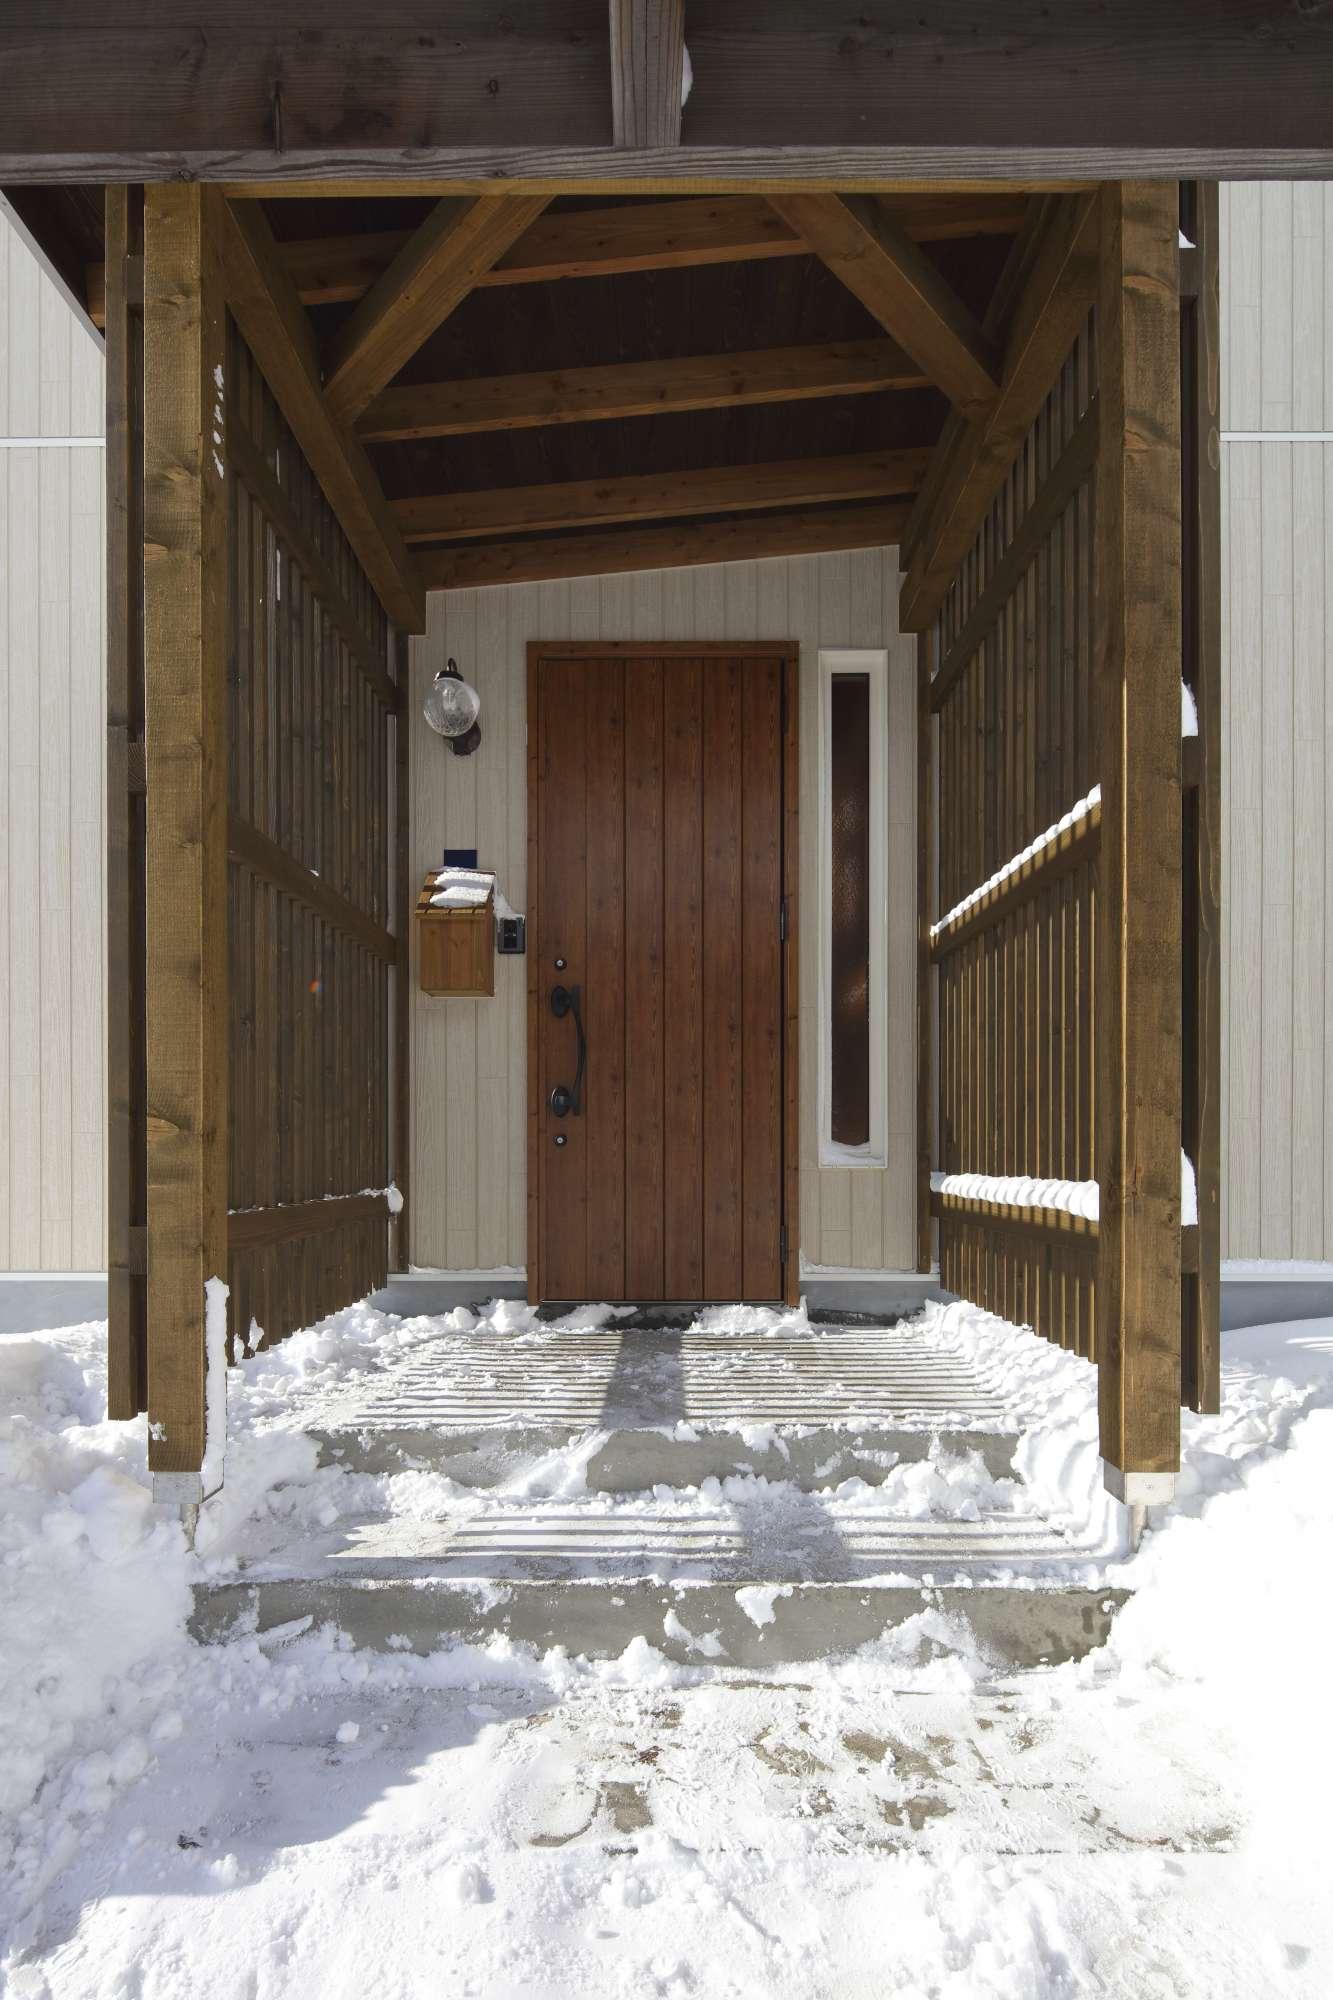 木製のカーポートとつながる玄関ポーチ -  -  -